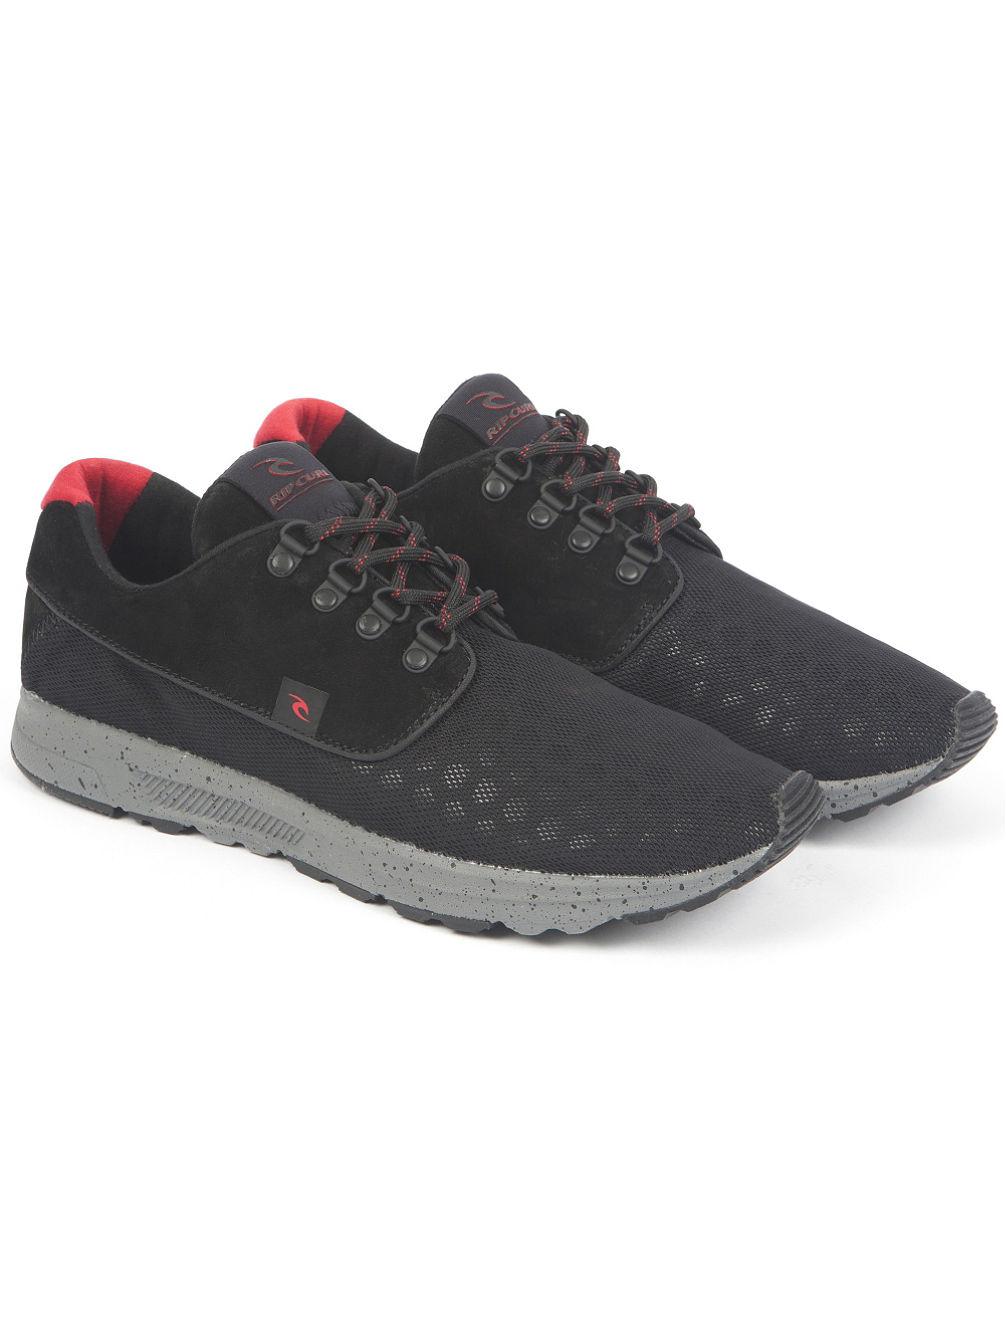 roamer-search-sneakers